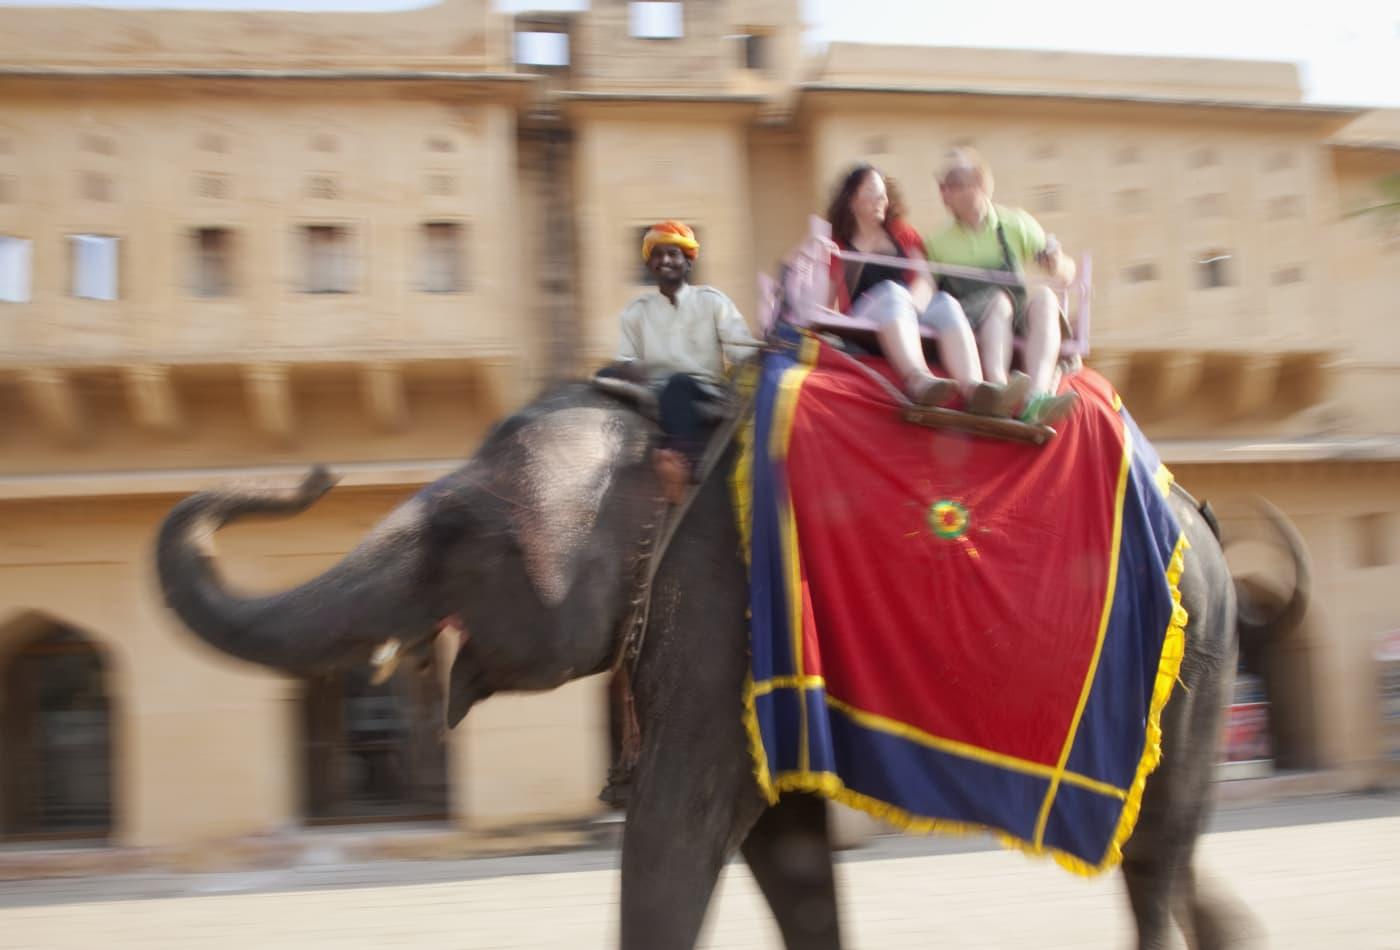 社交媒体提高了圈养野生动物相遇的人气,例如骑大象和散步狮子。